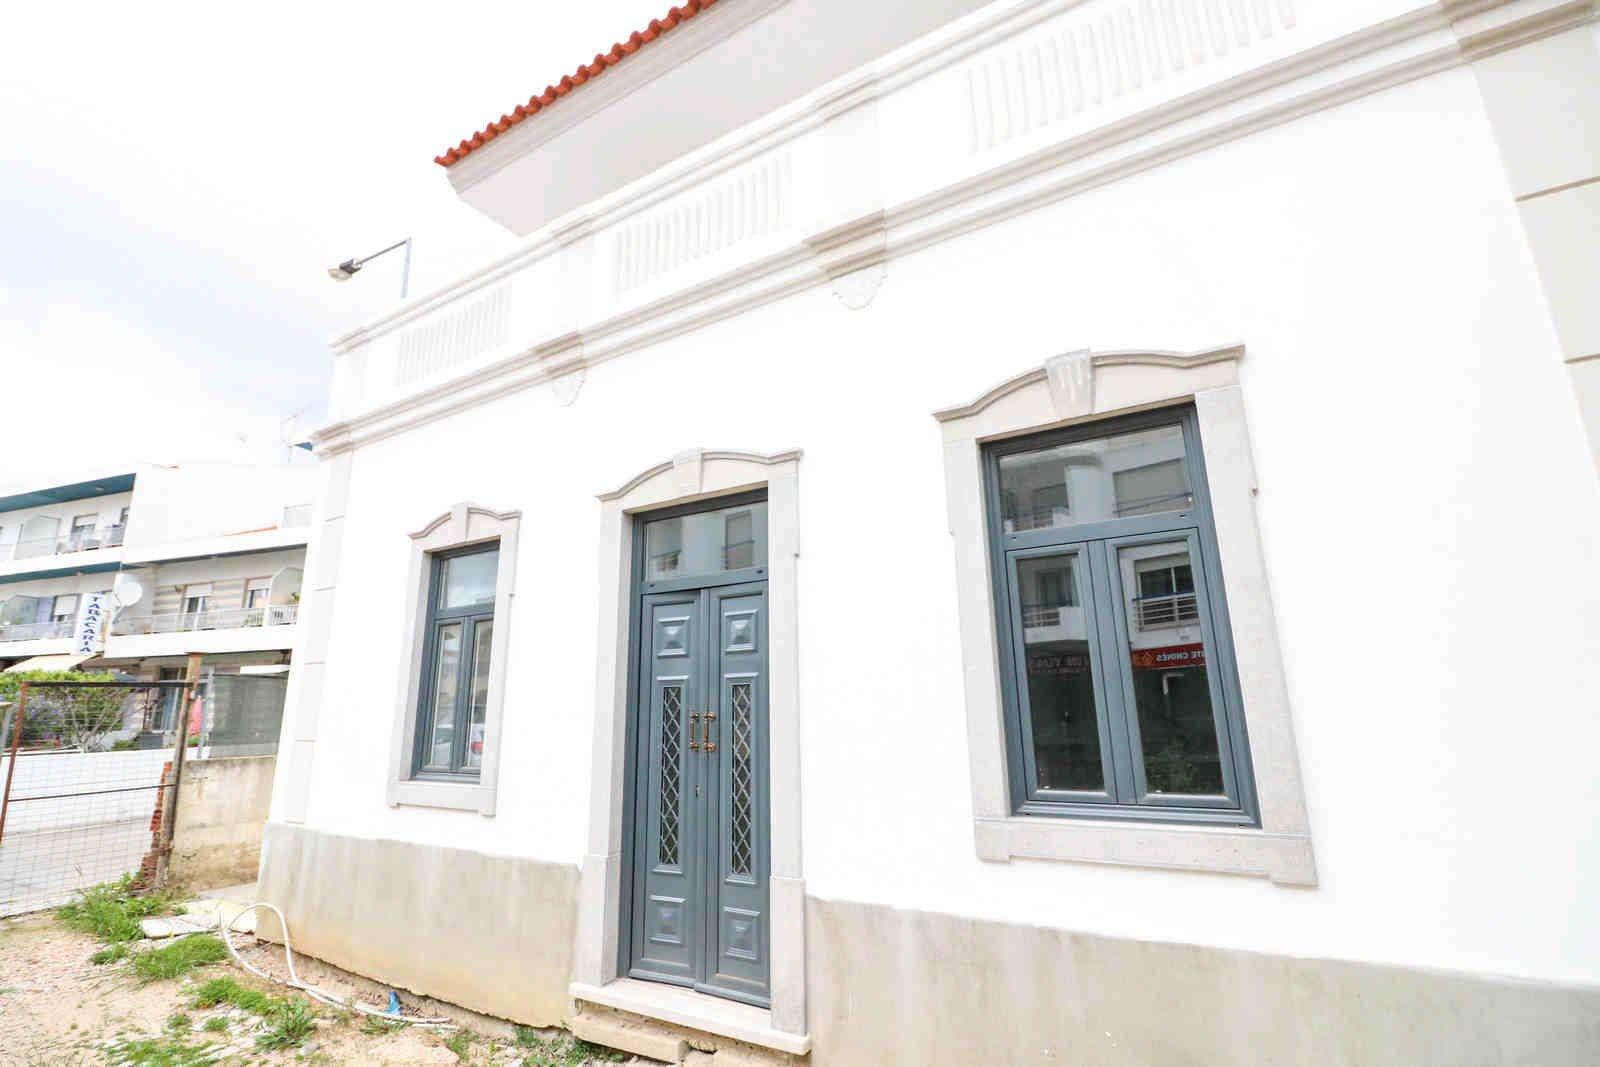 3 Bedroom Villa Sao Bras de Alportel, Central Algarve Ref: PV3545